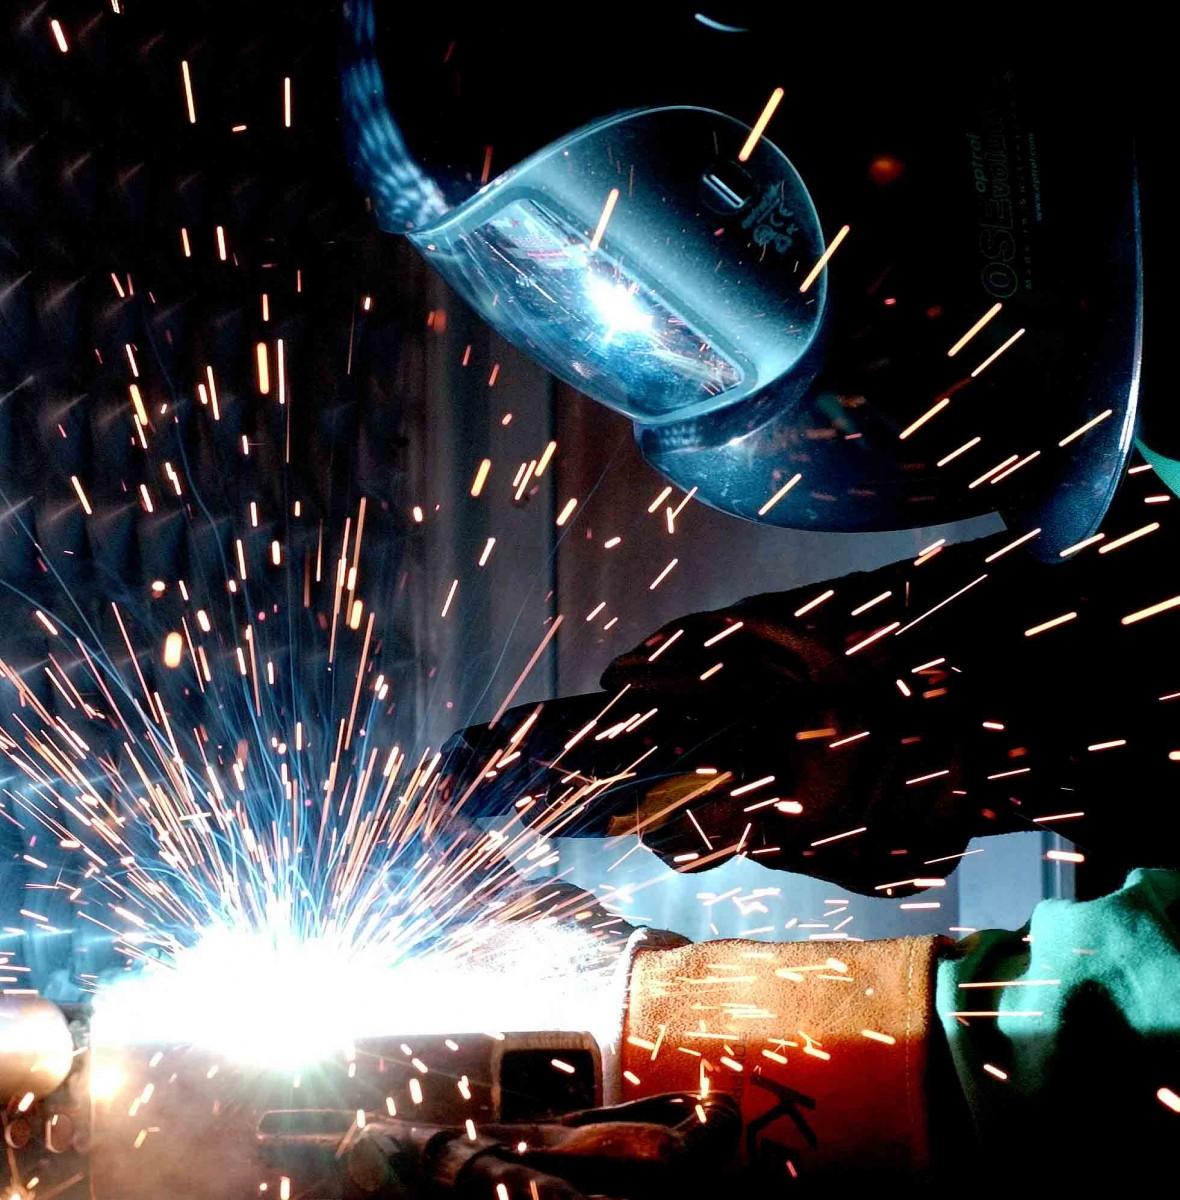 Welding in India